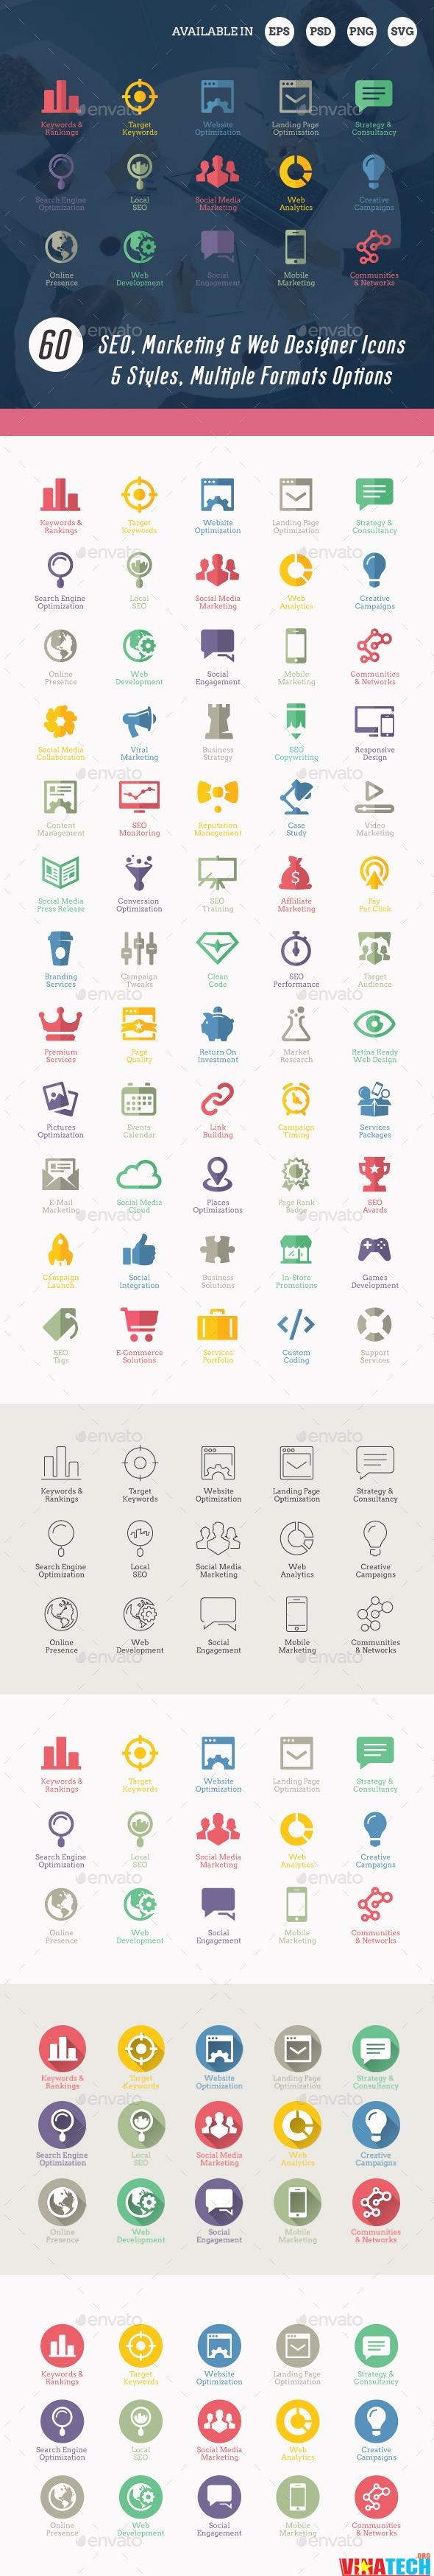 Share bộ 60 icon dịch vụ seo hiện đại